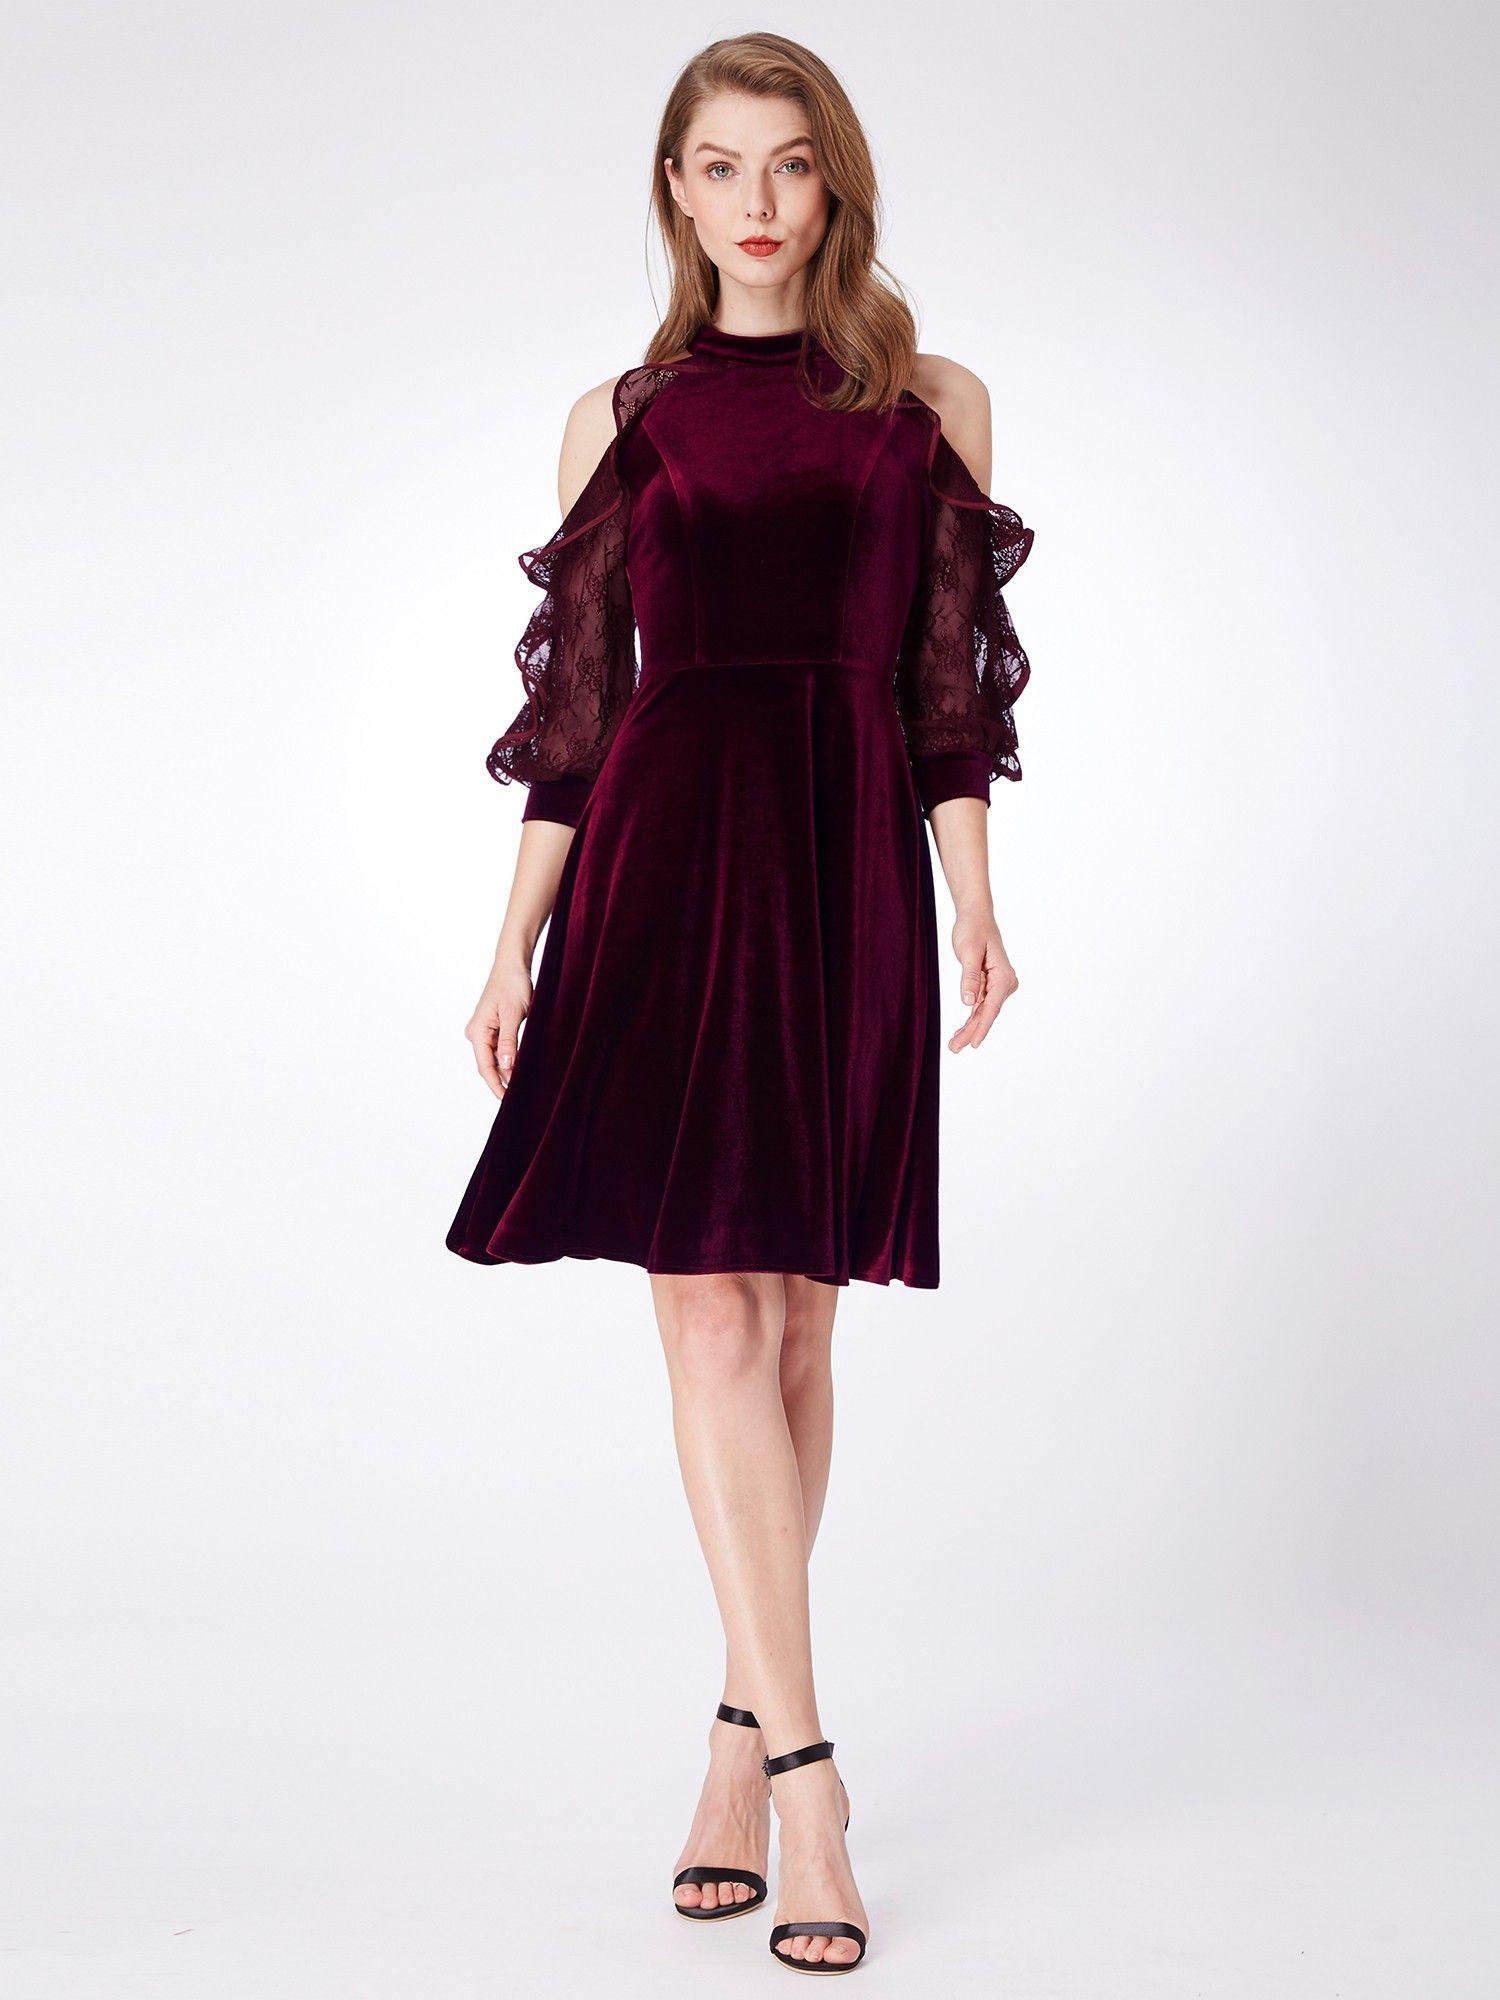 1224071dcf7 Alisa Pan Cold Shoulder Velvet Party Dress in 2019